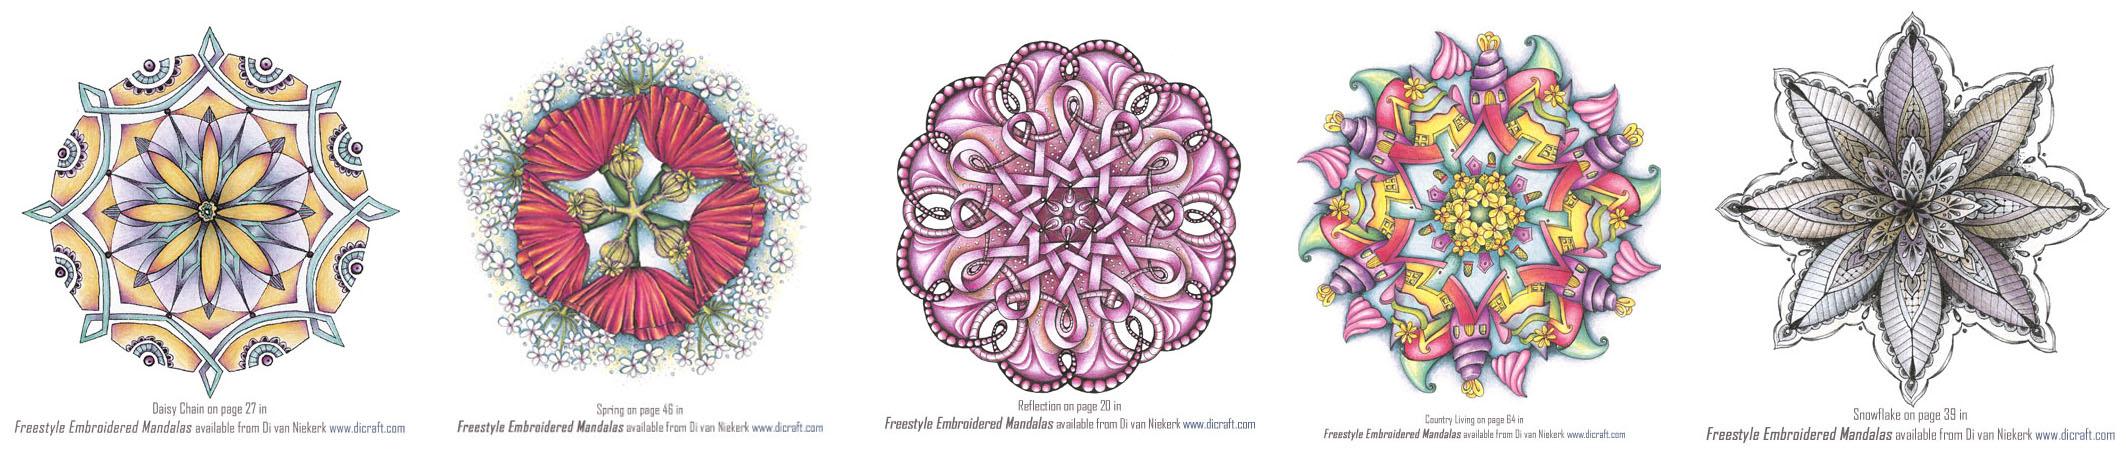 5-Mandalas-from-Di-van-Niekerk